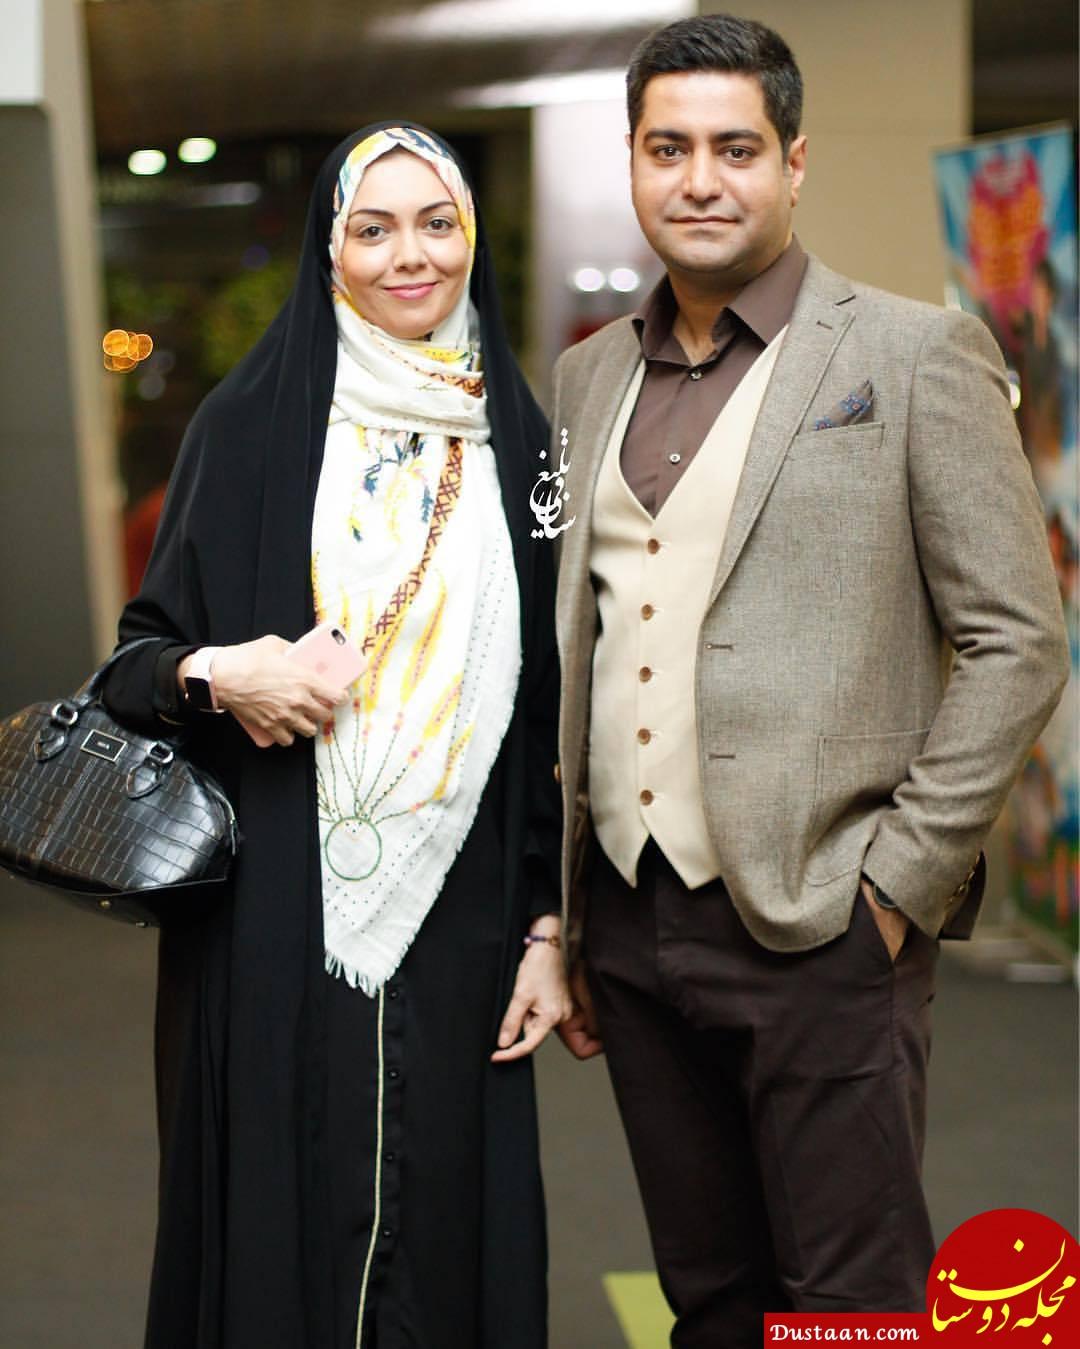 www.dustaan.com مجله اینترنتی فال روزانه حافظ 1558716423 - بیوگرافی و عکس های جذاب آزاده نامداری ، همسرش سجاد عبادی و دخترش گندم